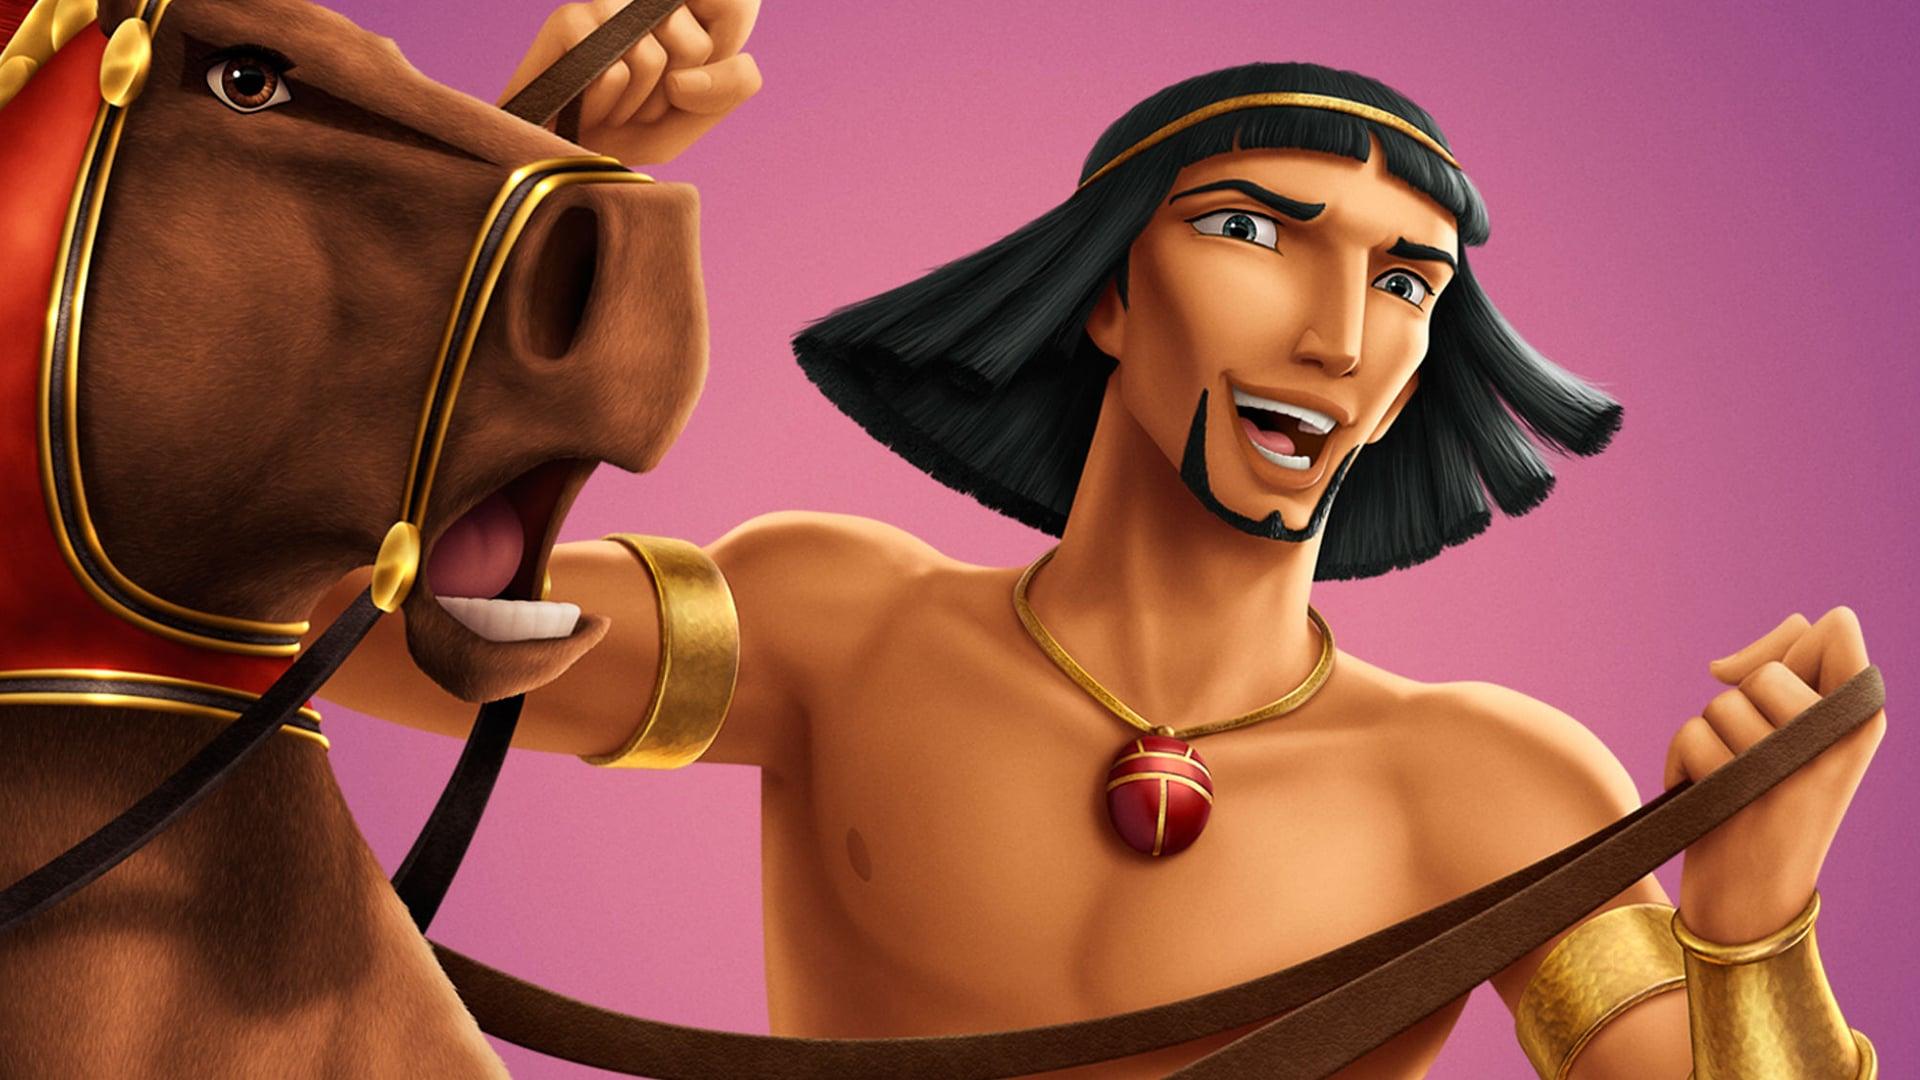 Ο Πρίγκιπας της Αιγύπτου, Ο Πρίγκιπας της Αιγύπτου Λεωνίδας Κακούρης